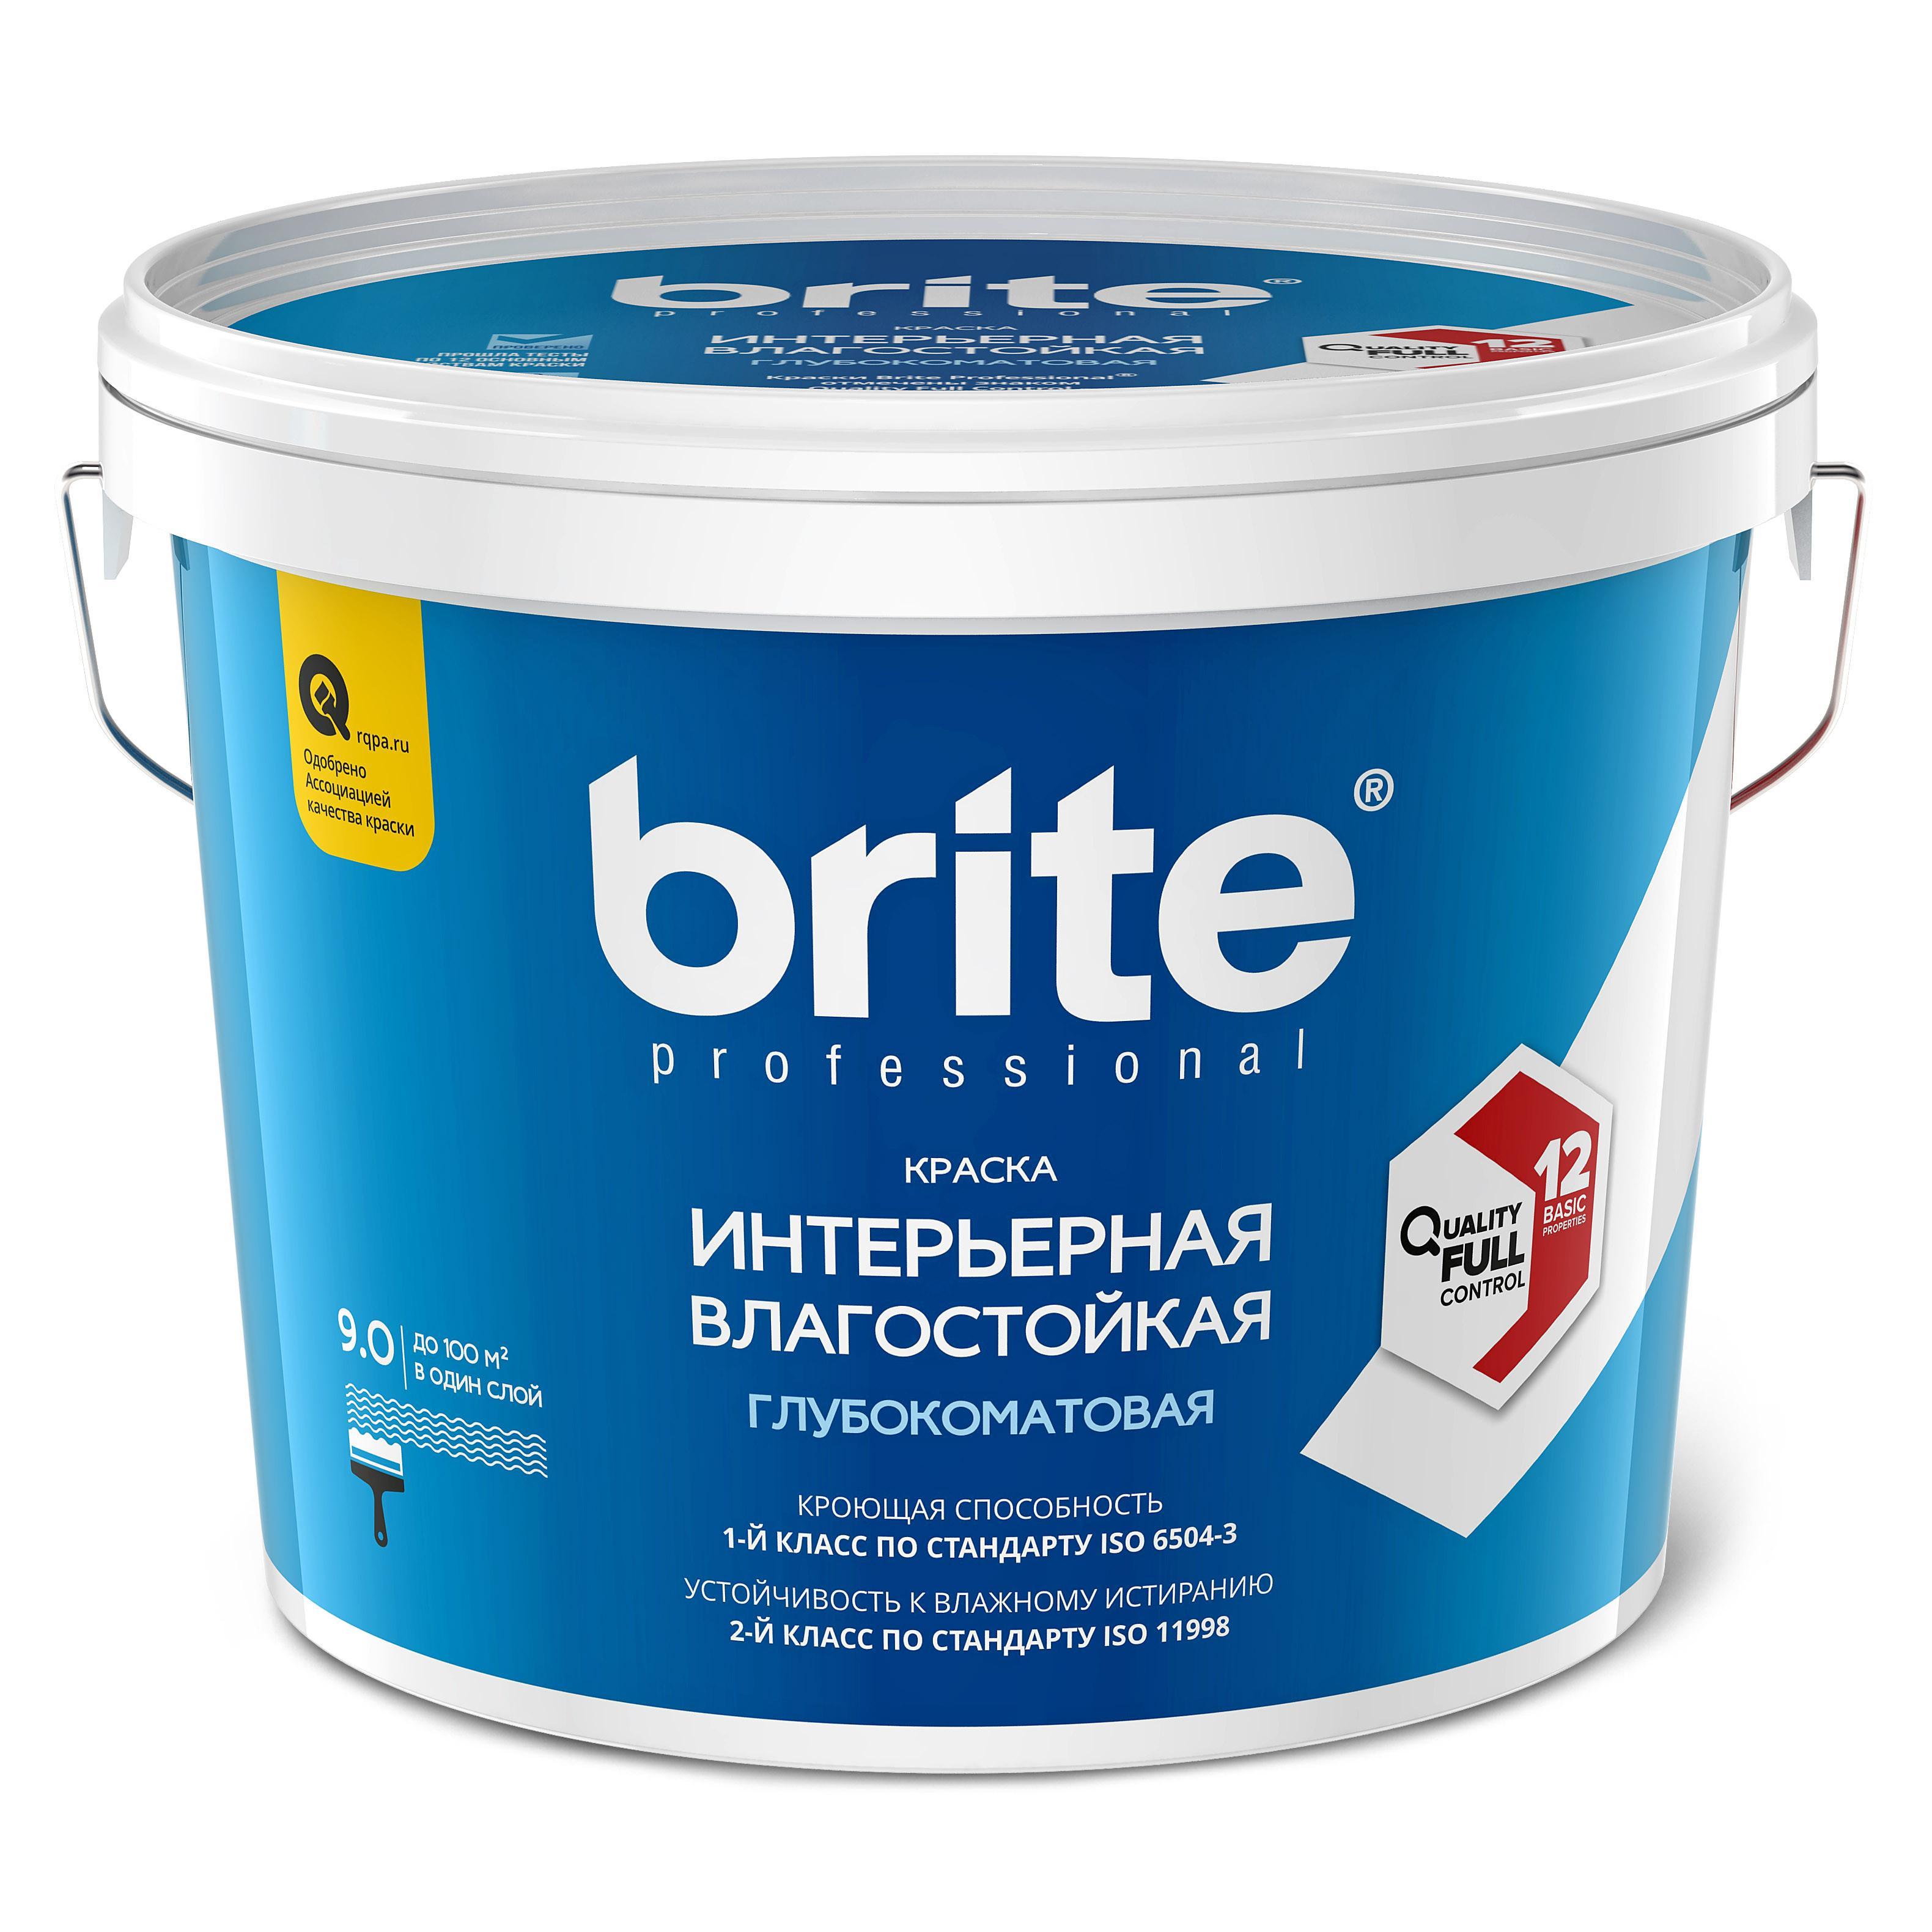 Краска влагостойкая Brite Professional глубокоматовая, 9л (О02251)